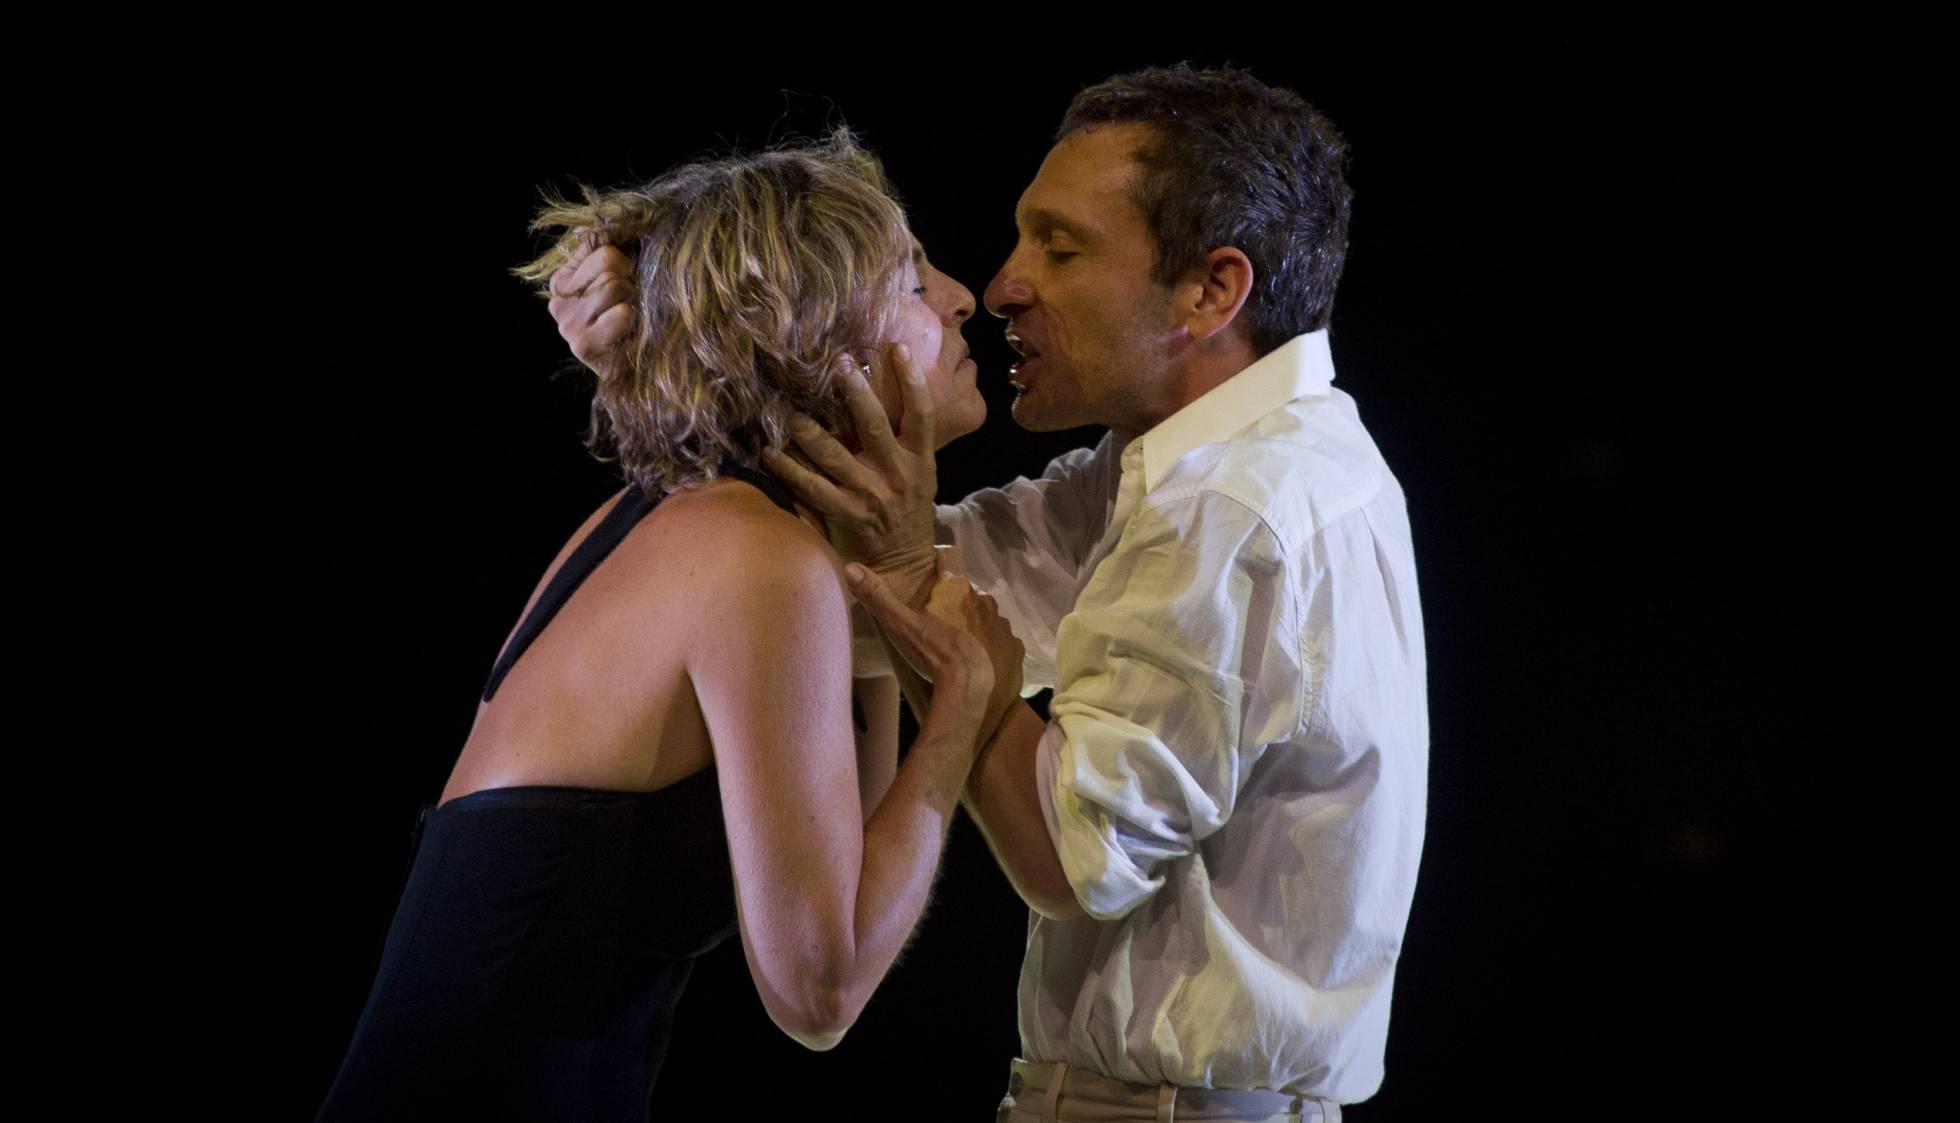 Mónica López y Pablo Derqui, en el ensayo de 'Calígula', el pasado jueves en el Teatre Nacional de Catalunya.